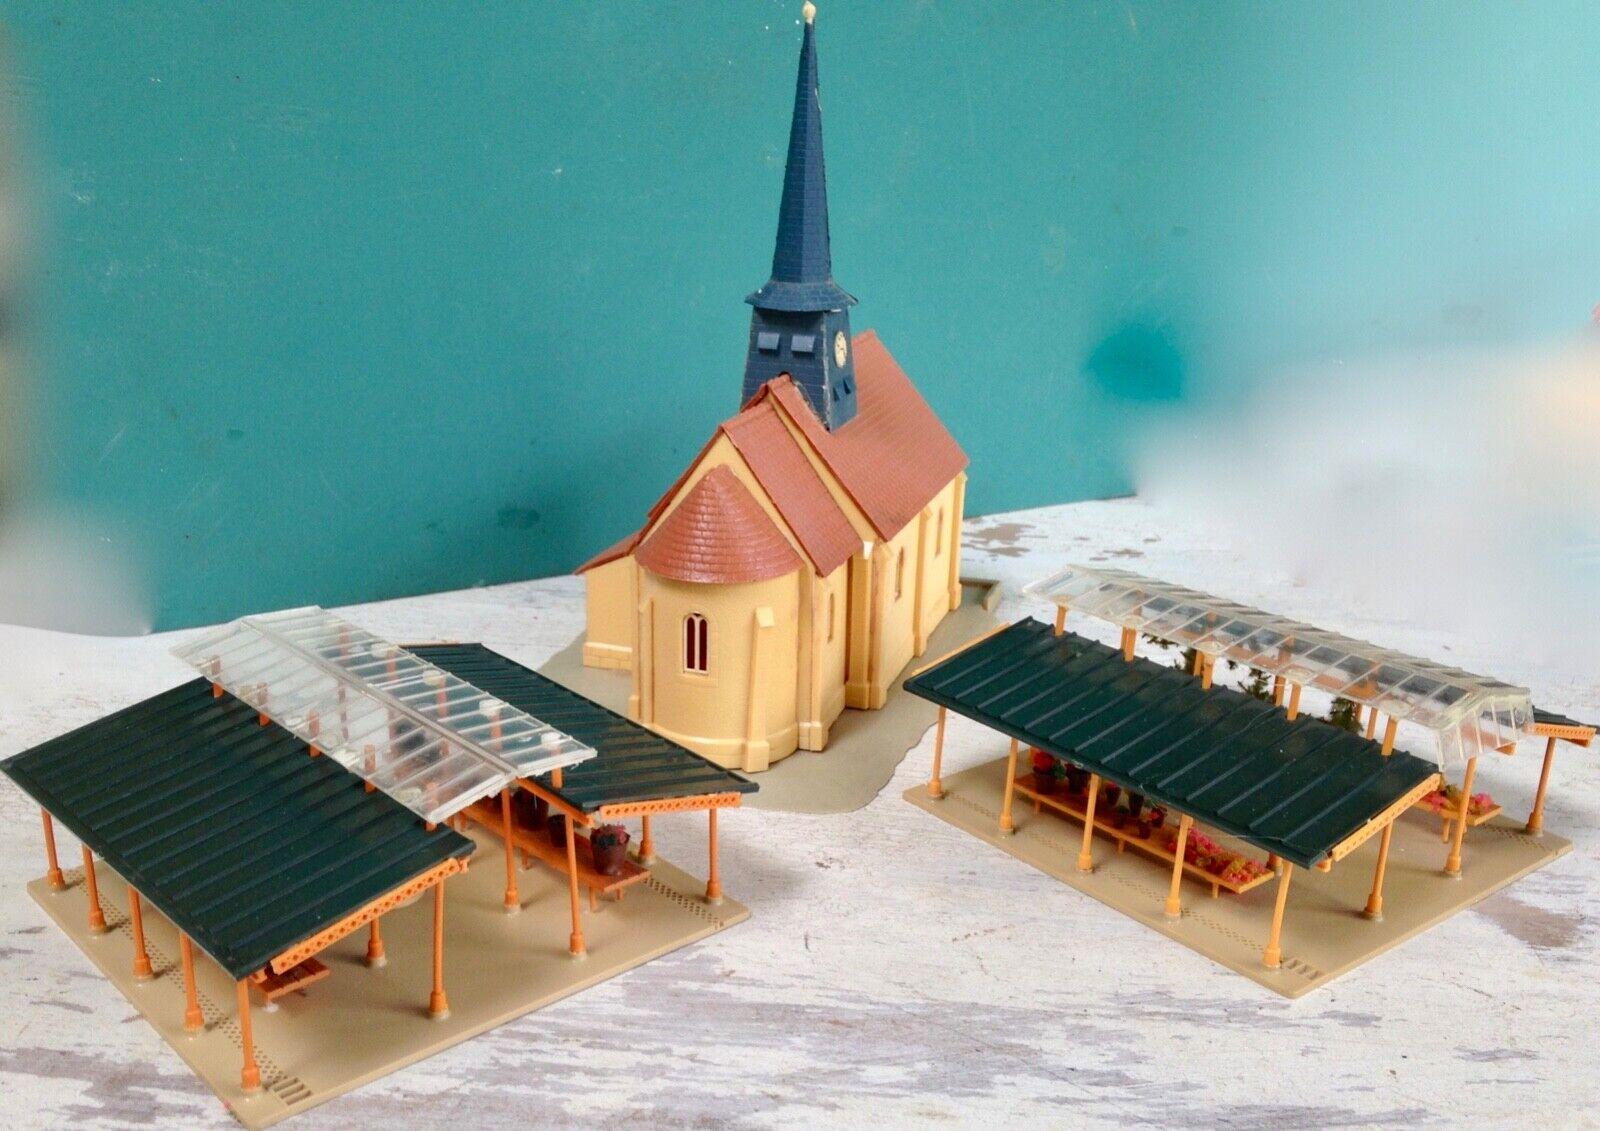 JOUEF église 2 htutties marché HO maquettes montées maison ville village décor